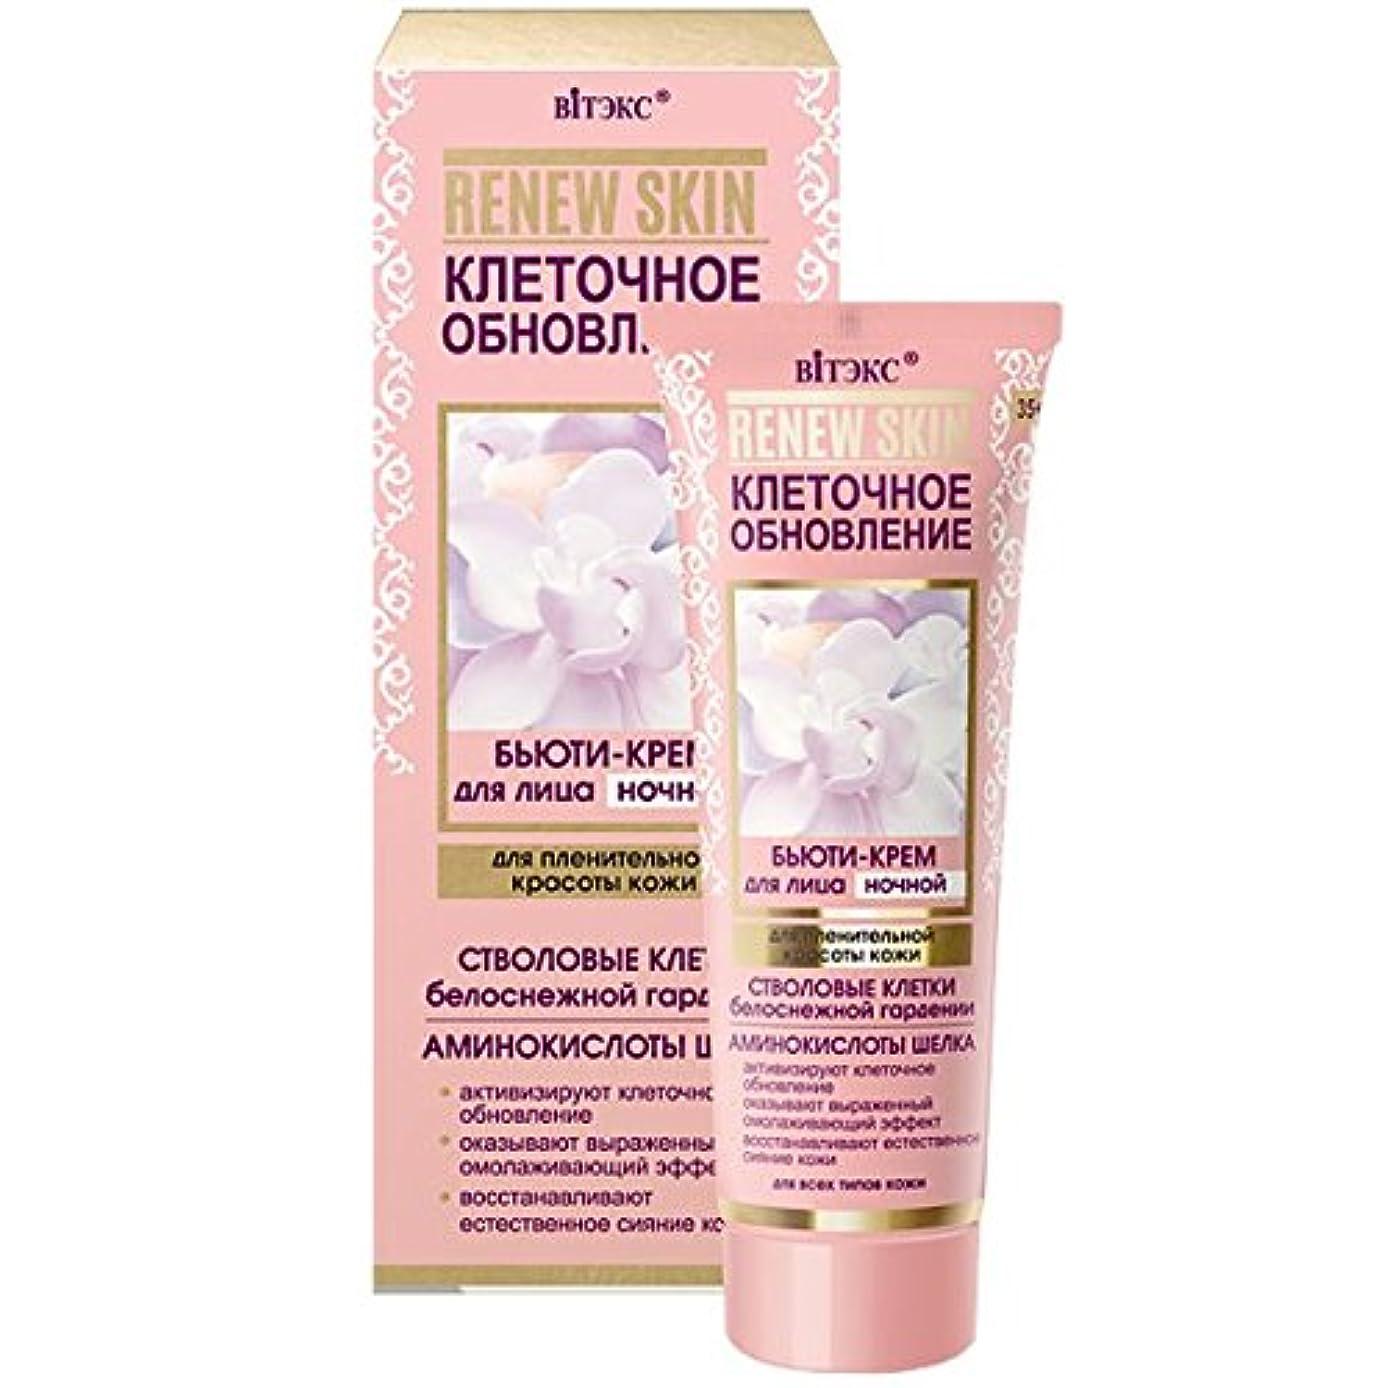 バット出発するノートNight Cream For Face With Stem Cells Whitening Moisturizing Skin Care Night Cream Face Cream Instantly